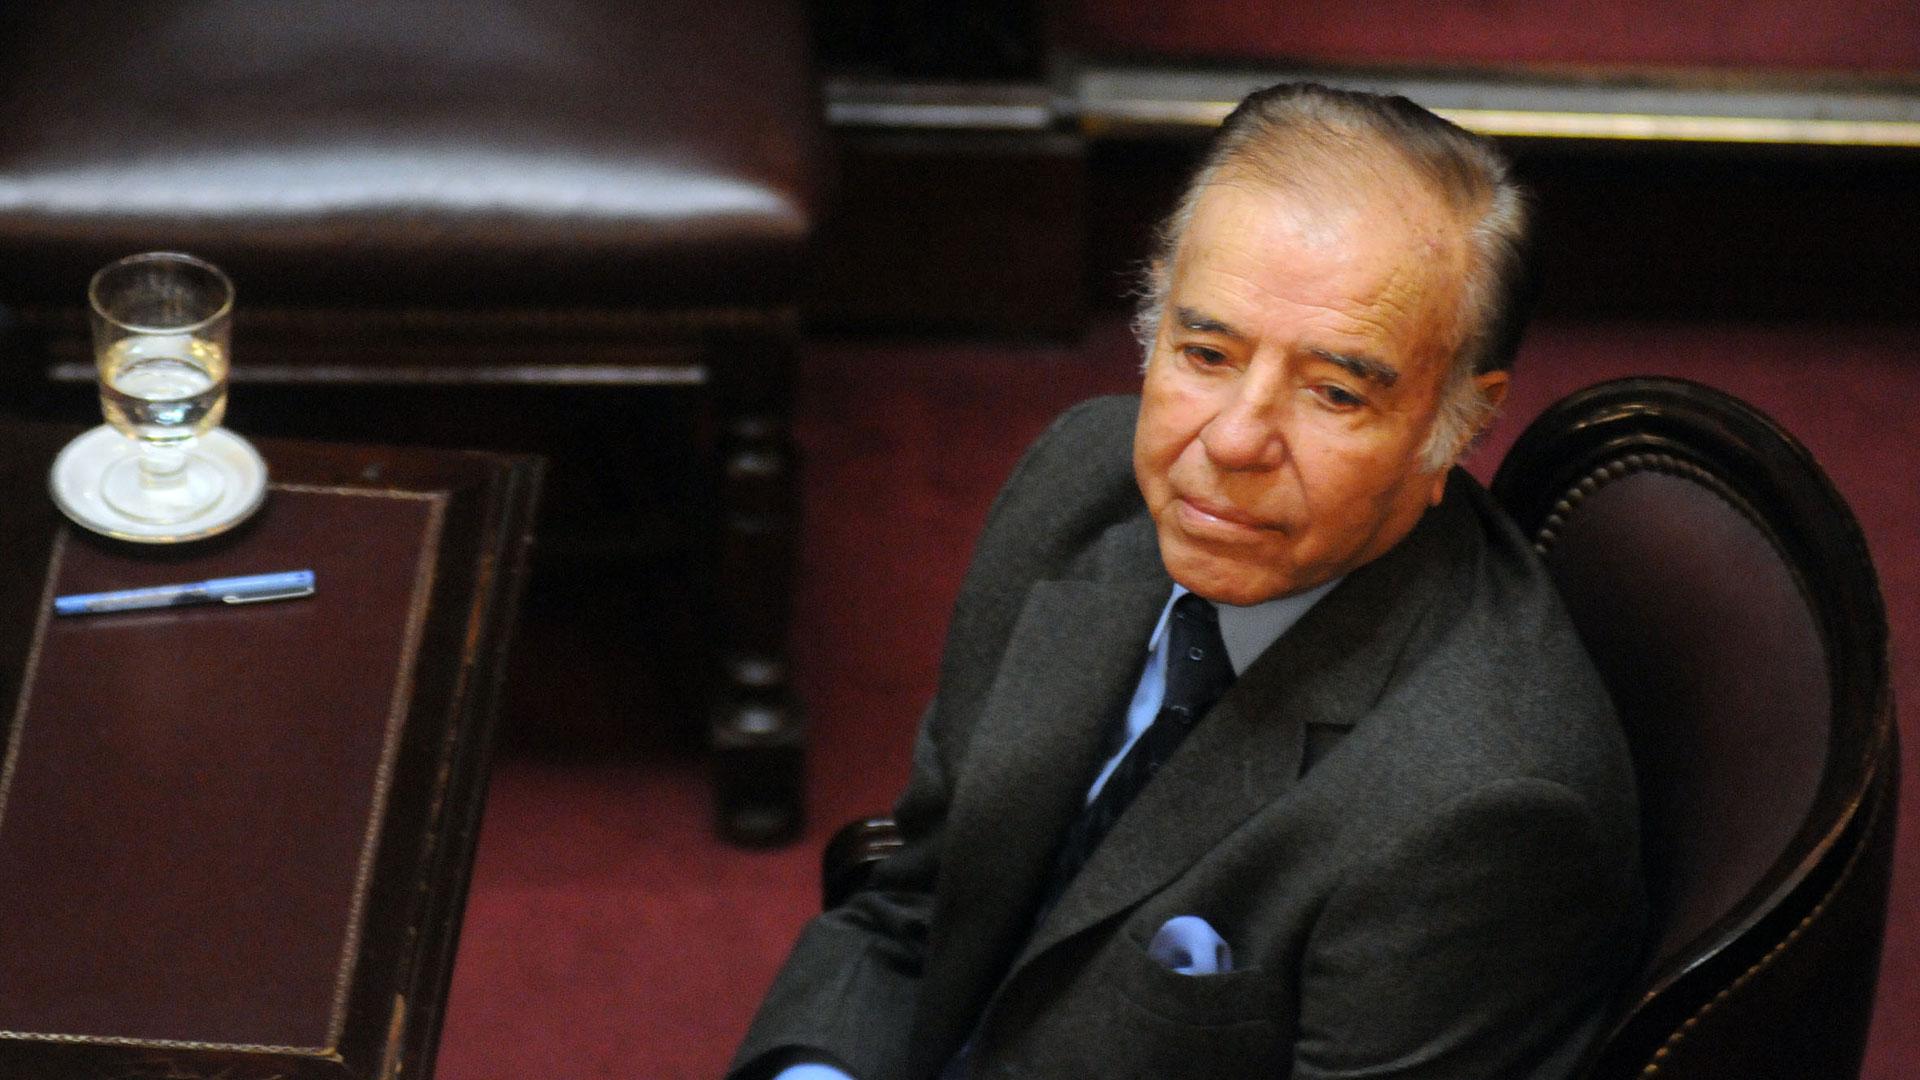 El ex presidente Carlos Saúl Menem no podrá competir el próximo domingo en las elecciones primarias. La Cámara Nacional Electoral hizo lugar a la impugnación de su precandidatura a senador nacional por la provincia de La Rioja